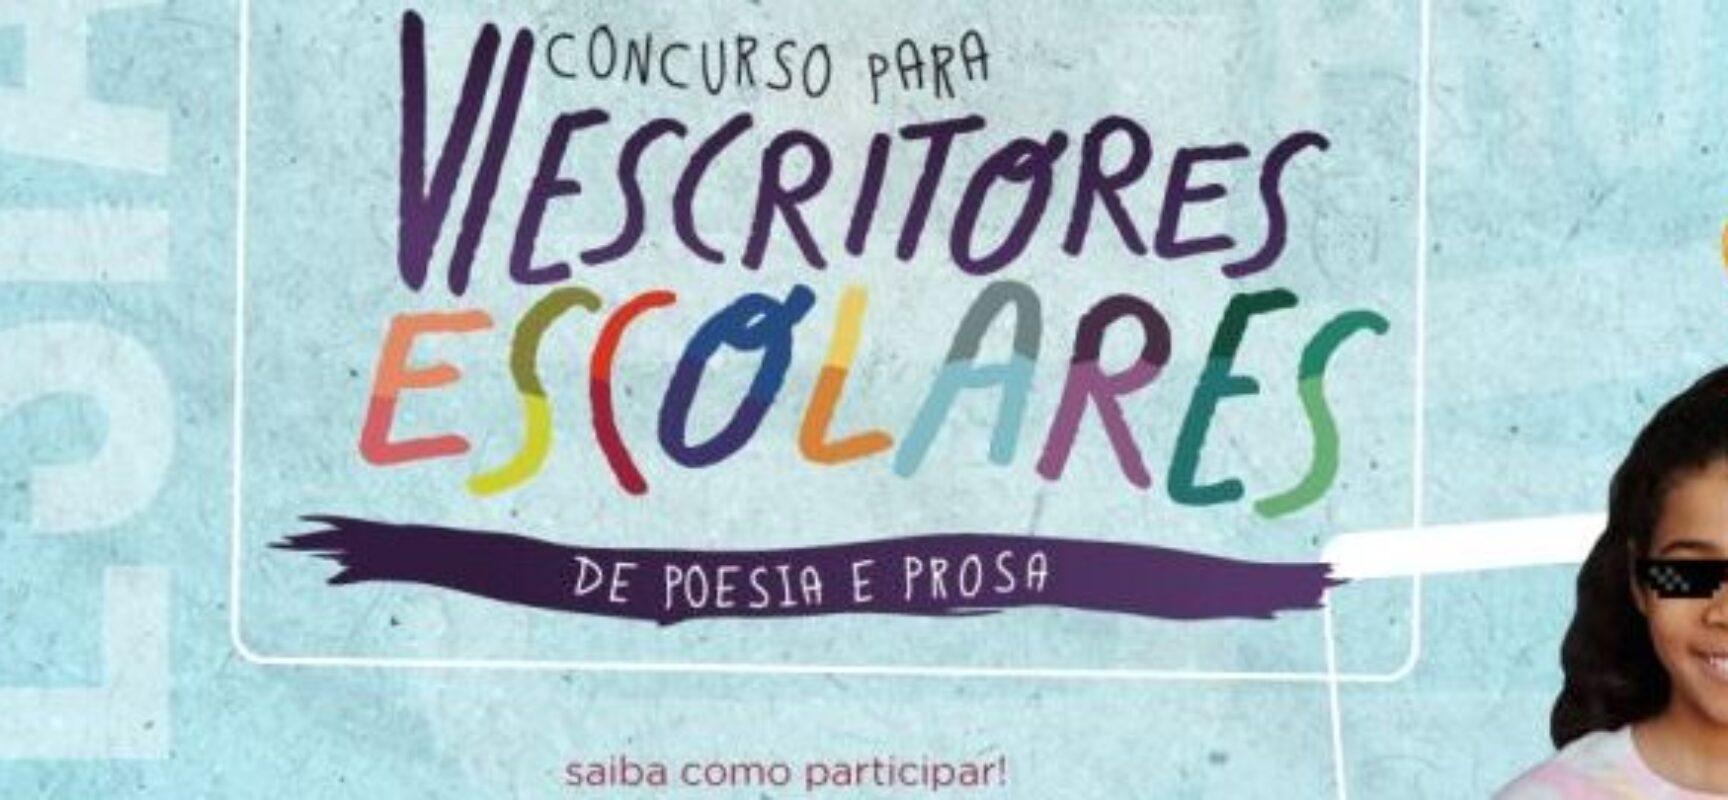 Estão abertas as inscrições do VI Concurso para Escritores Escolares de Poesia e Prosa